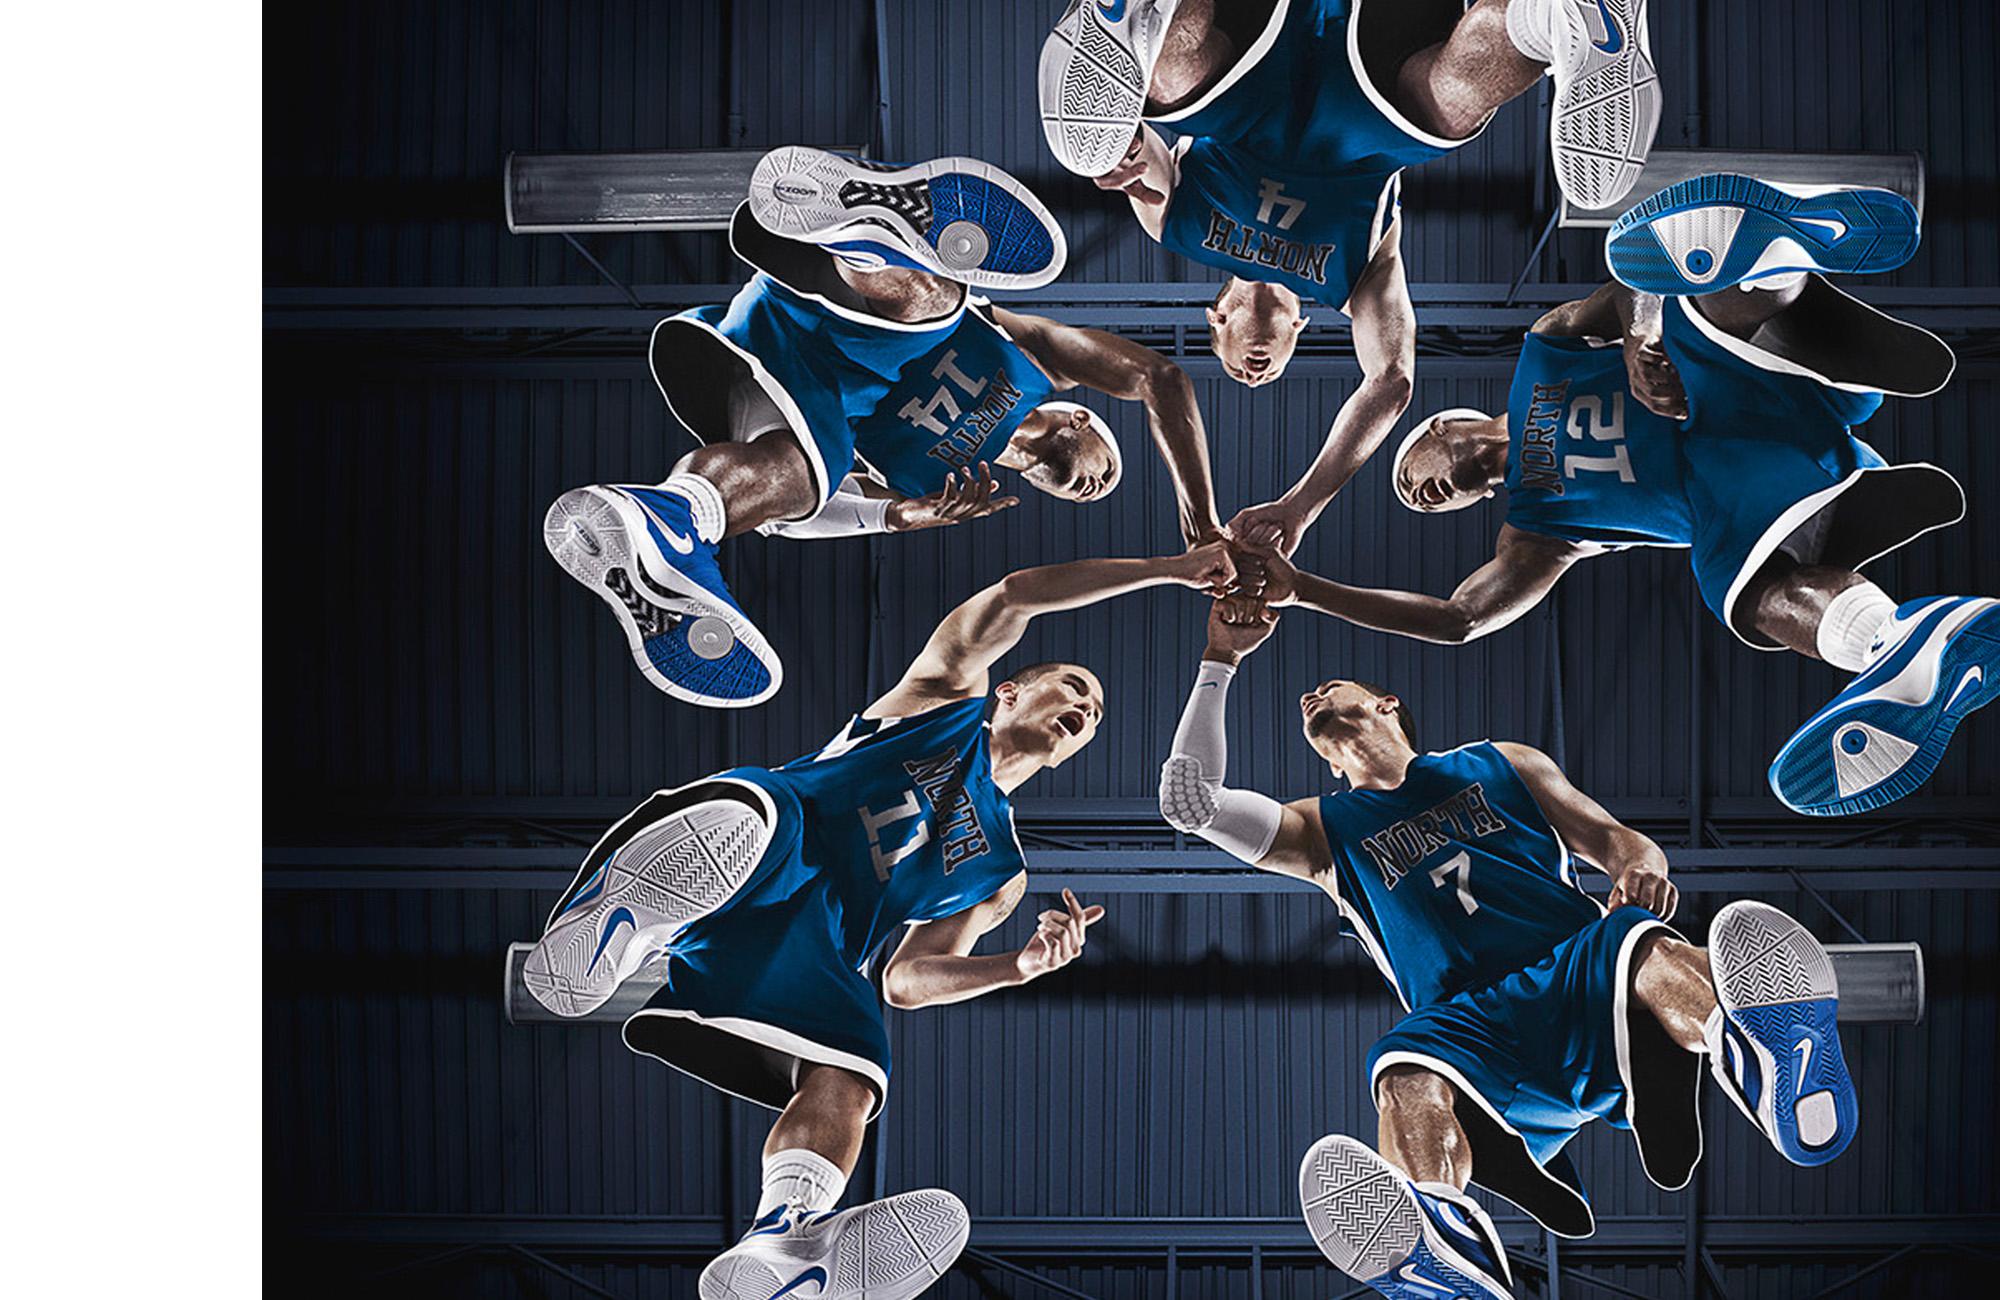 Nike Hoops - 4 of 4